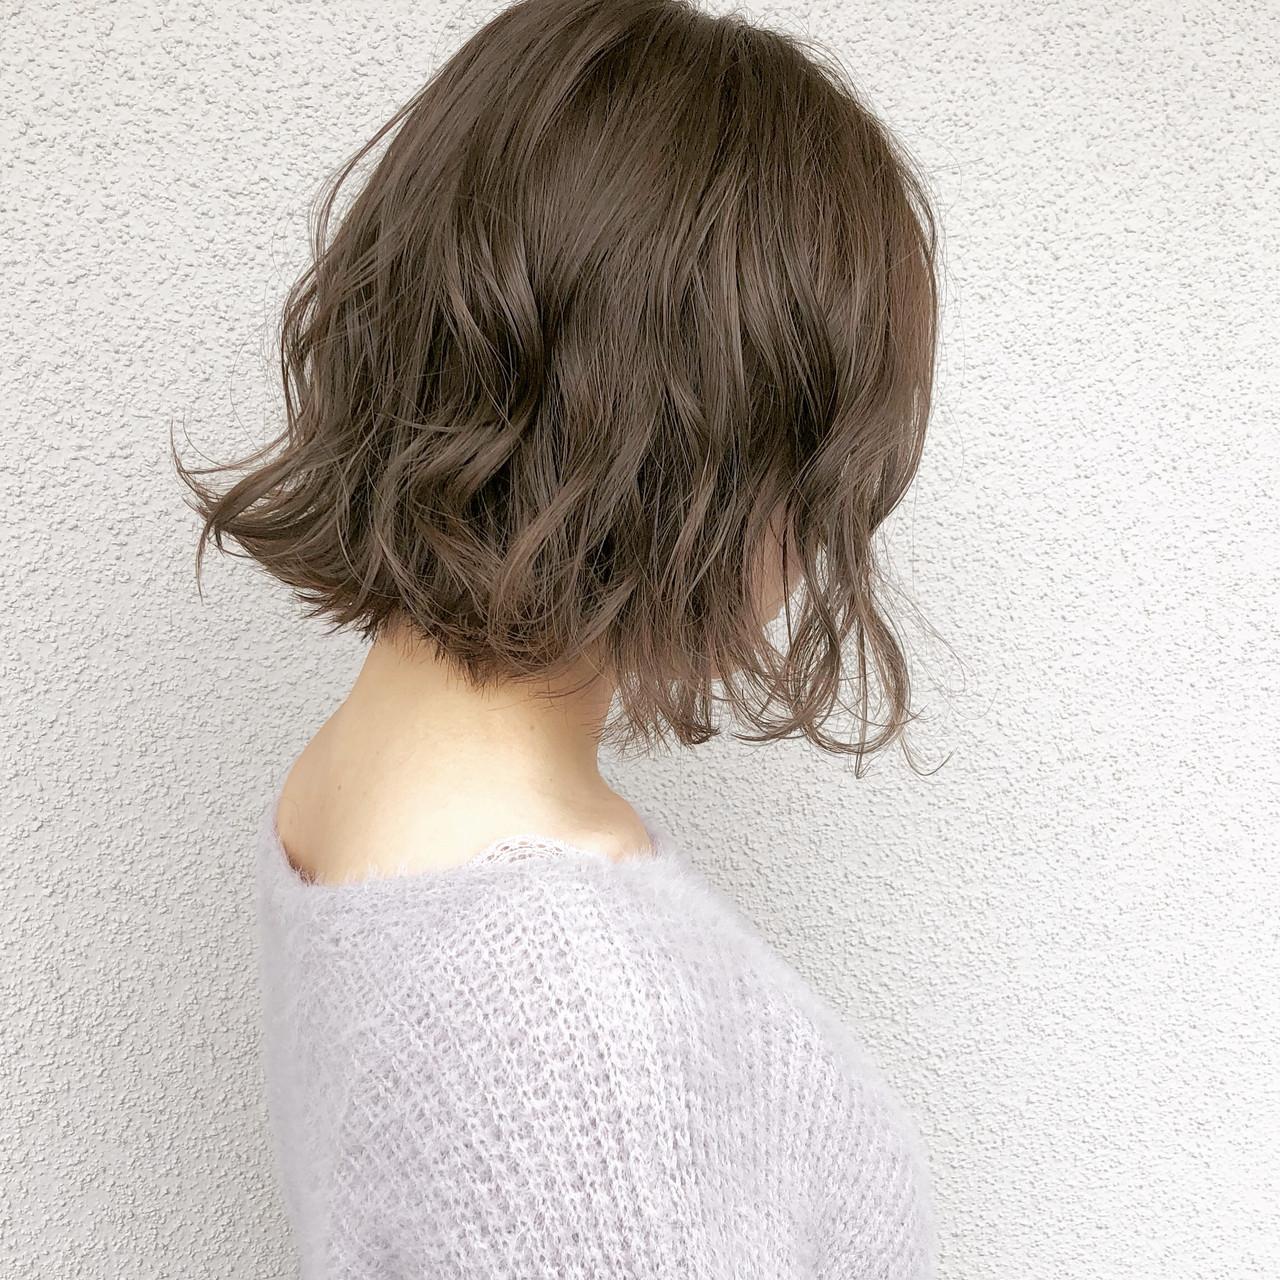 簡単ヘアアレンジ アンニュイほつれヘア 大人かわいい ボブ ヘアスタイルや髪型の写真・画像